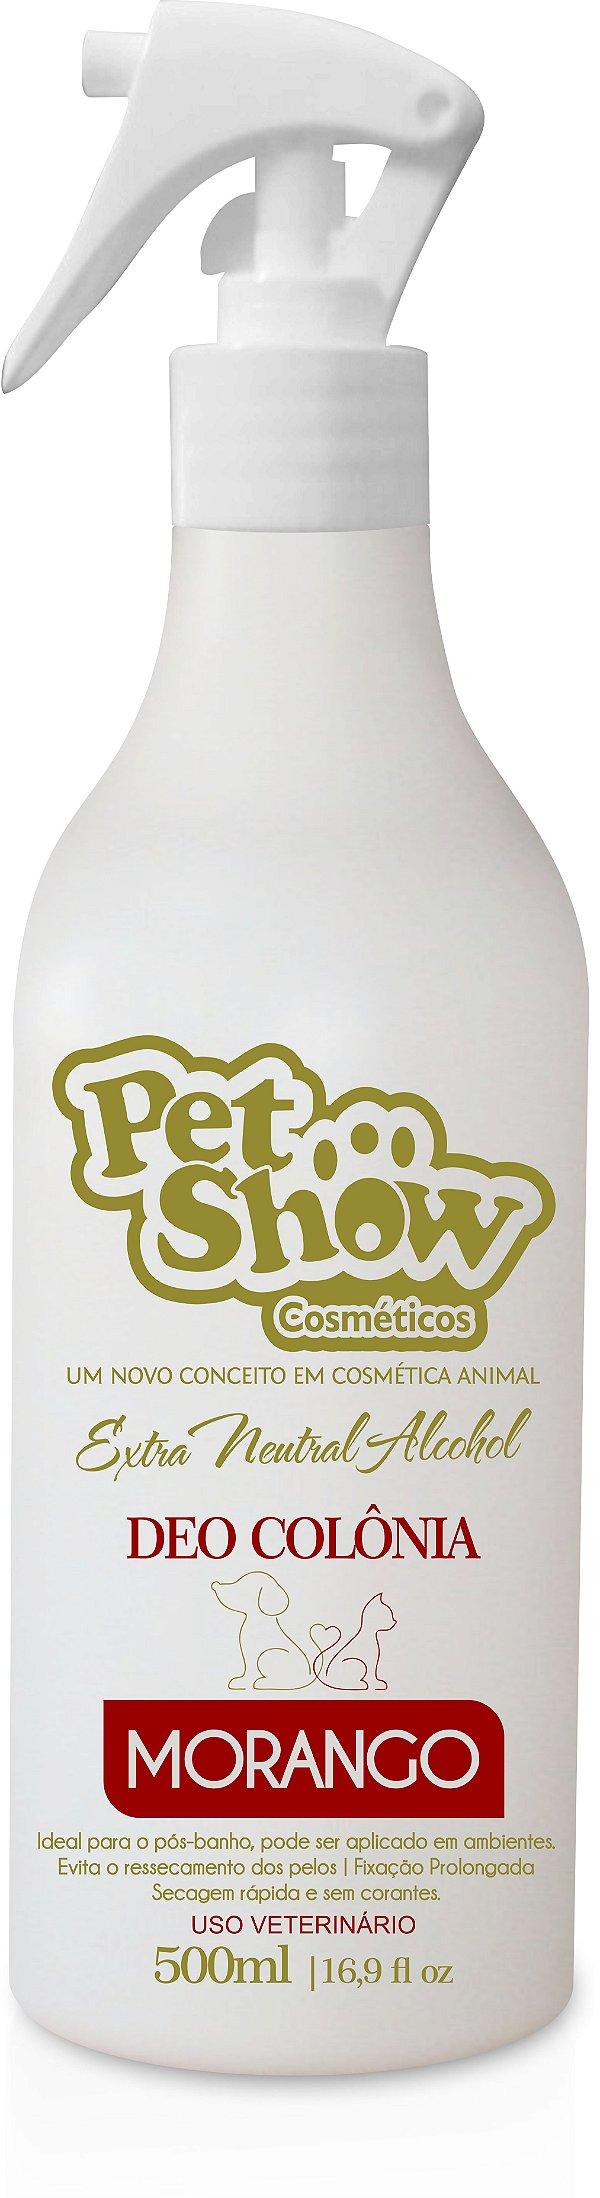 DEO COLONIA MORANGO 500ML - PET SHOW